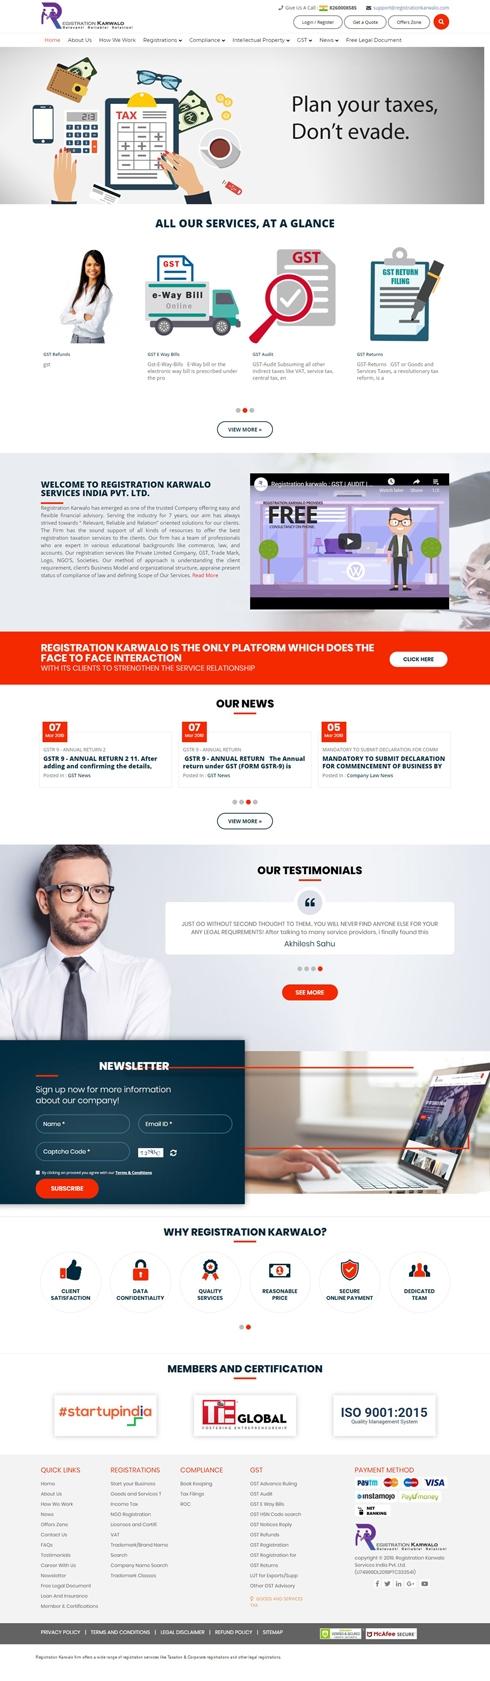 Registration Karwalo Services India Web Design